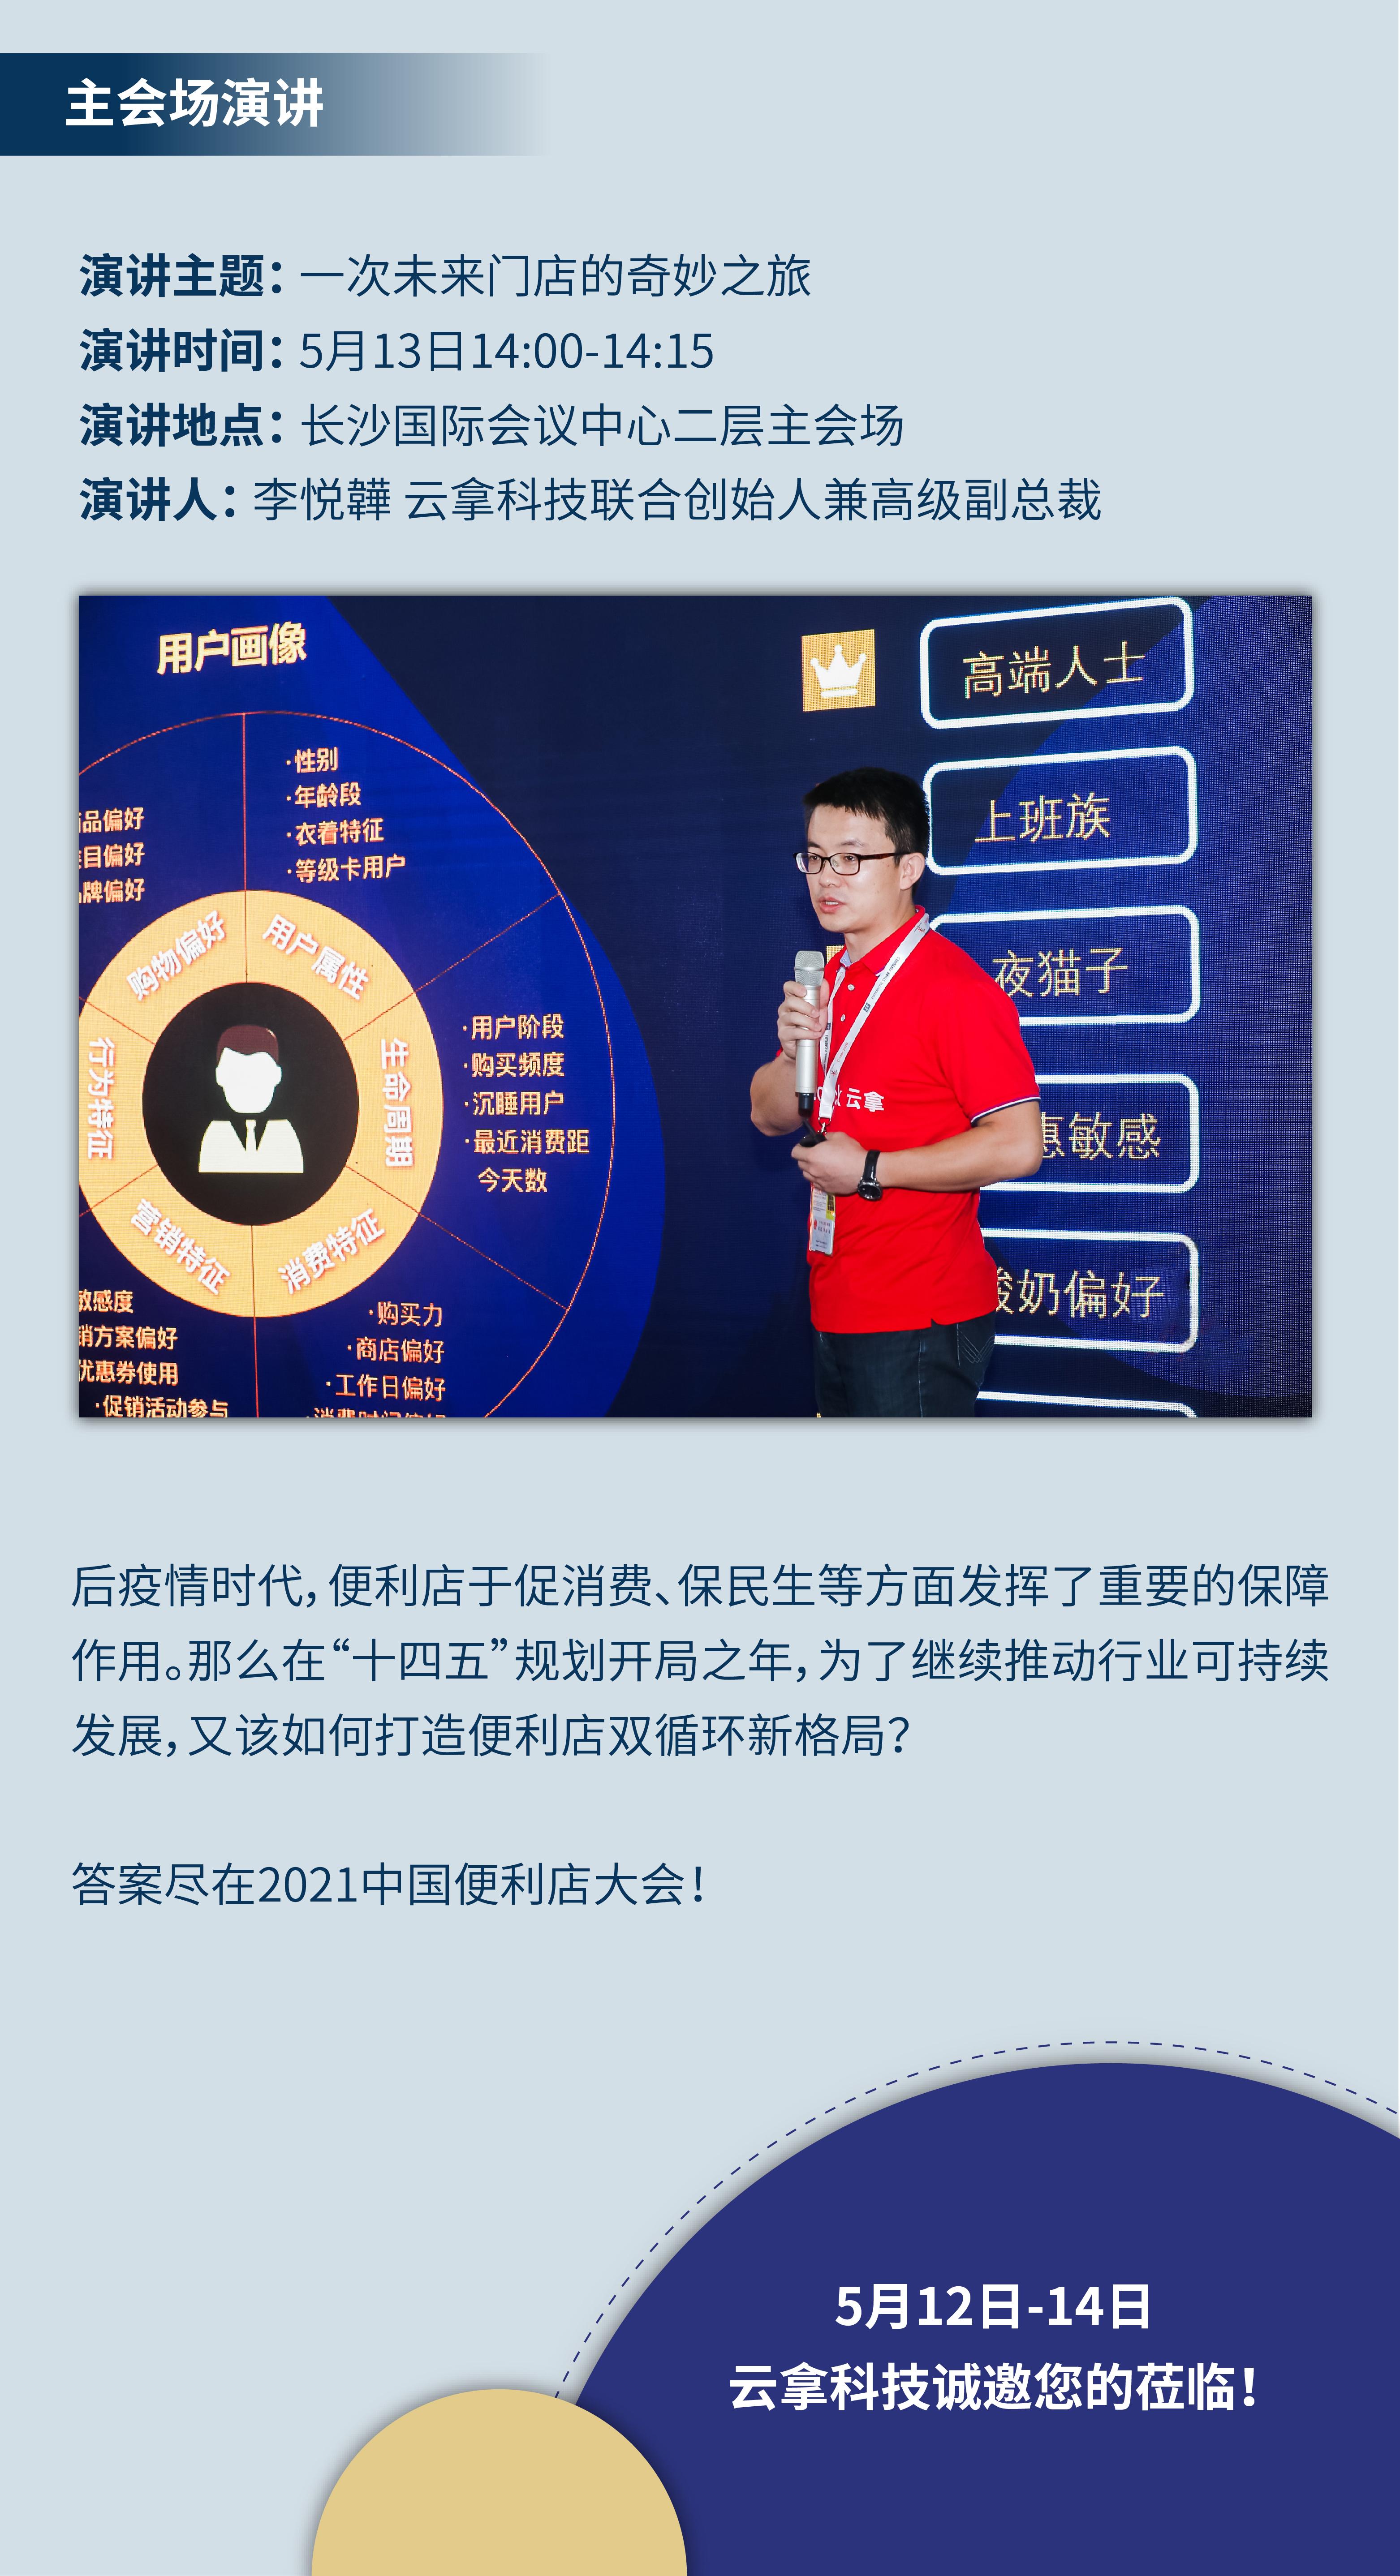 2021中国便利店大会将至!云拿邀您相聚长沙